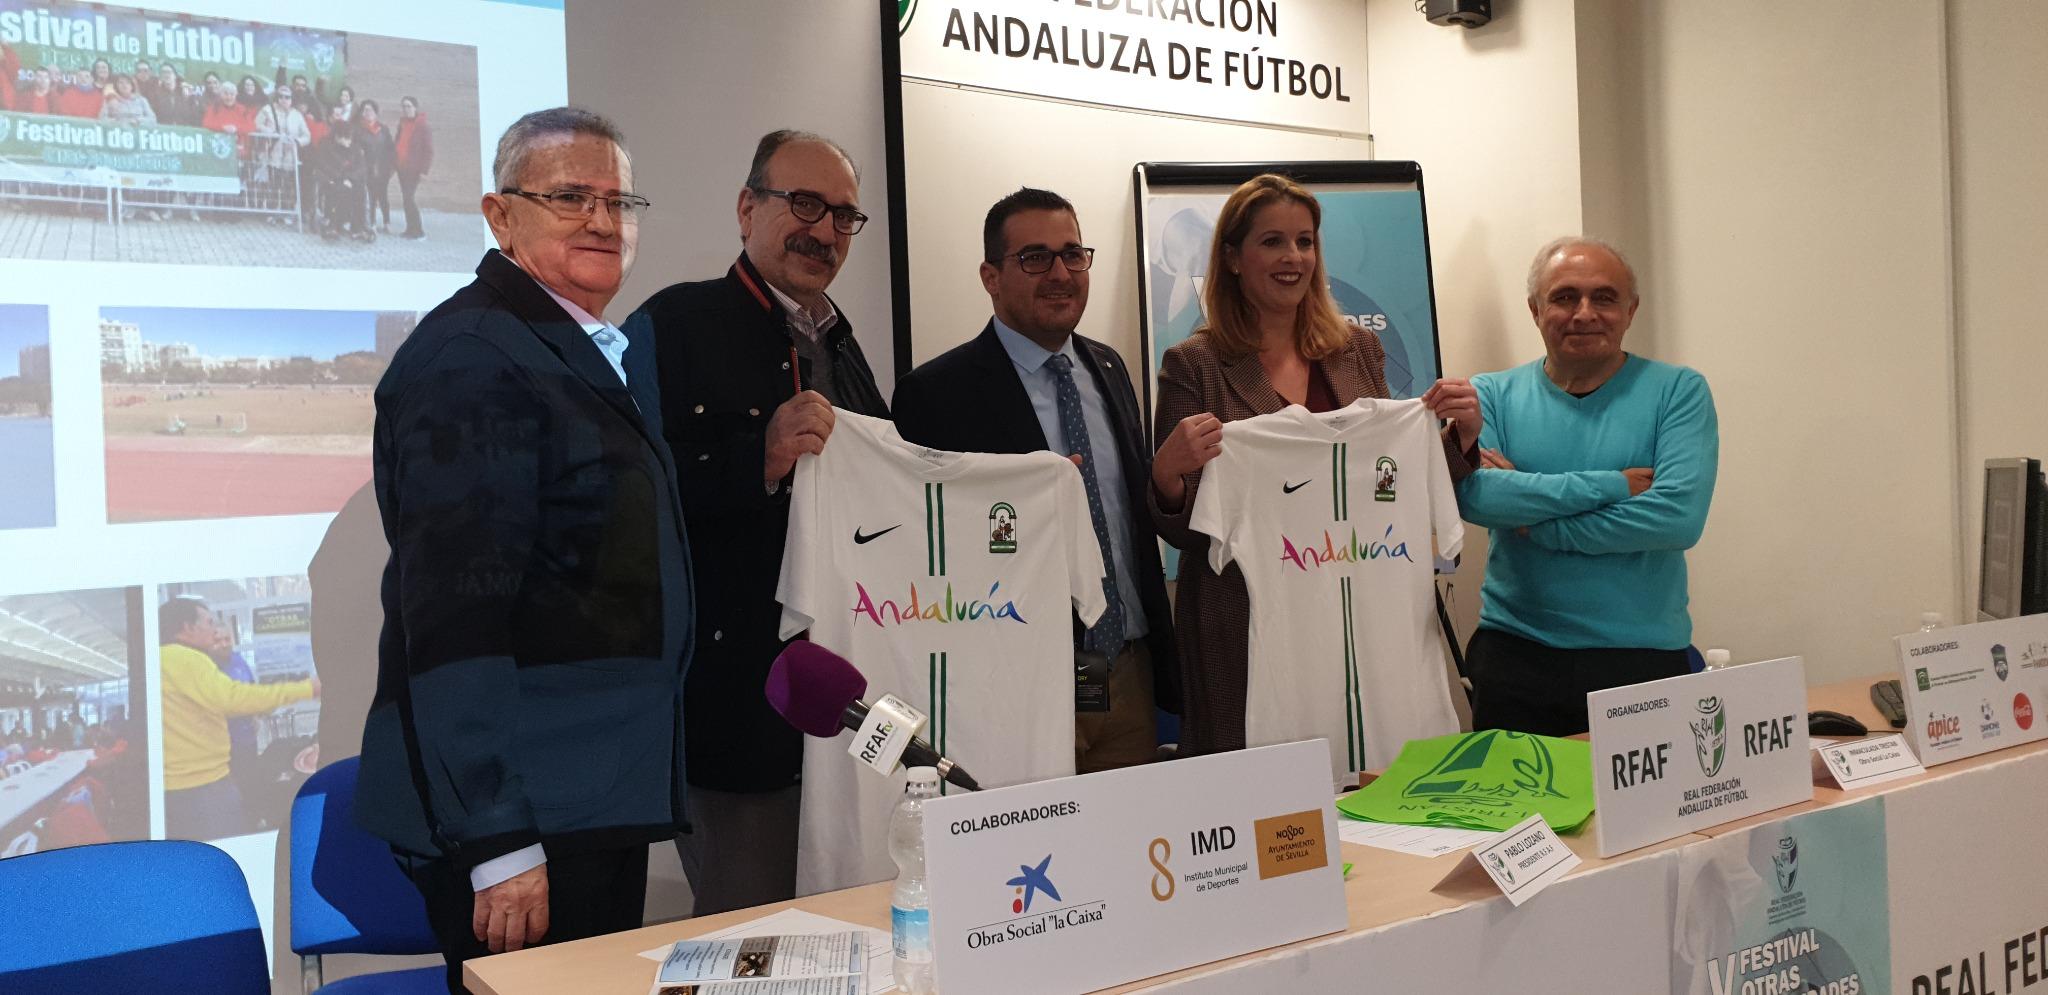 El Palacio de los Deportes de San Pablo acoge el V Festival de Fútbol de Otras Capacidades